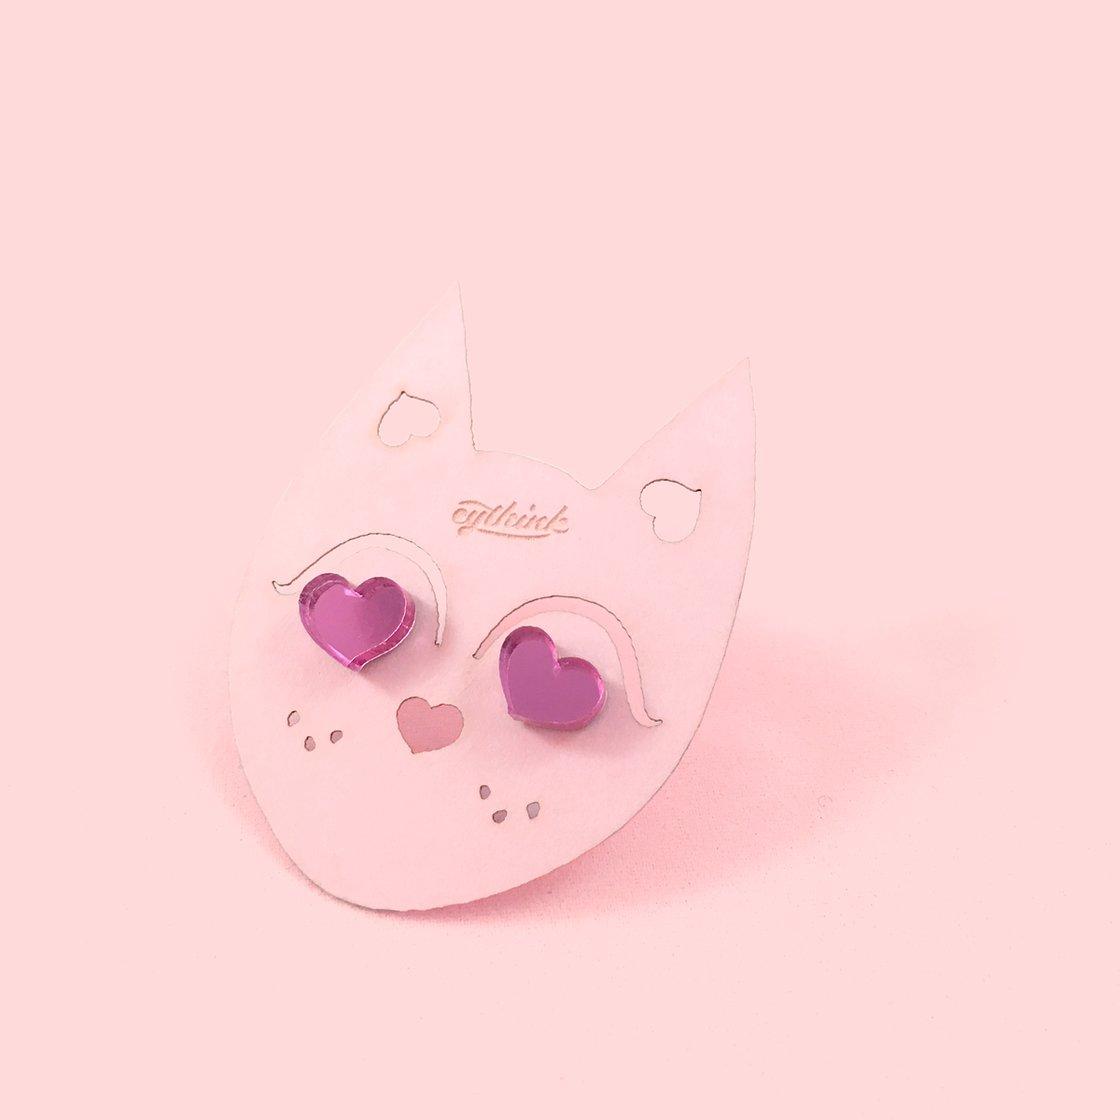 Image of Itty Bitty earrings